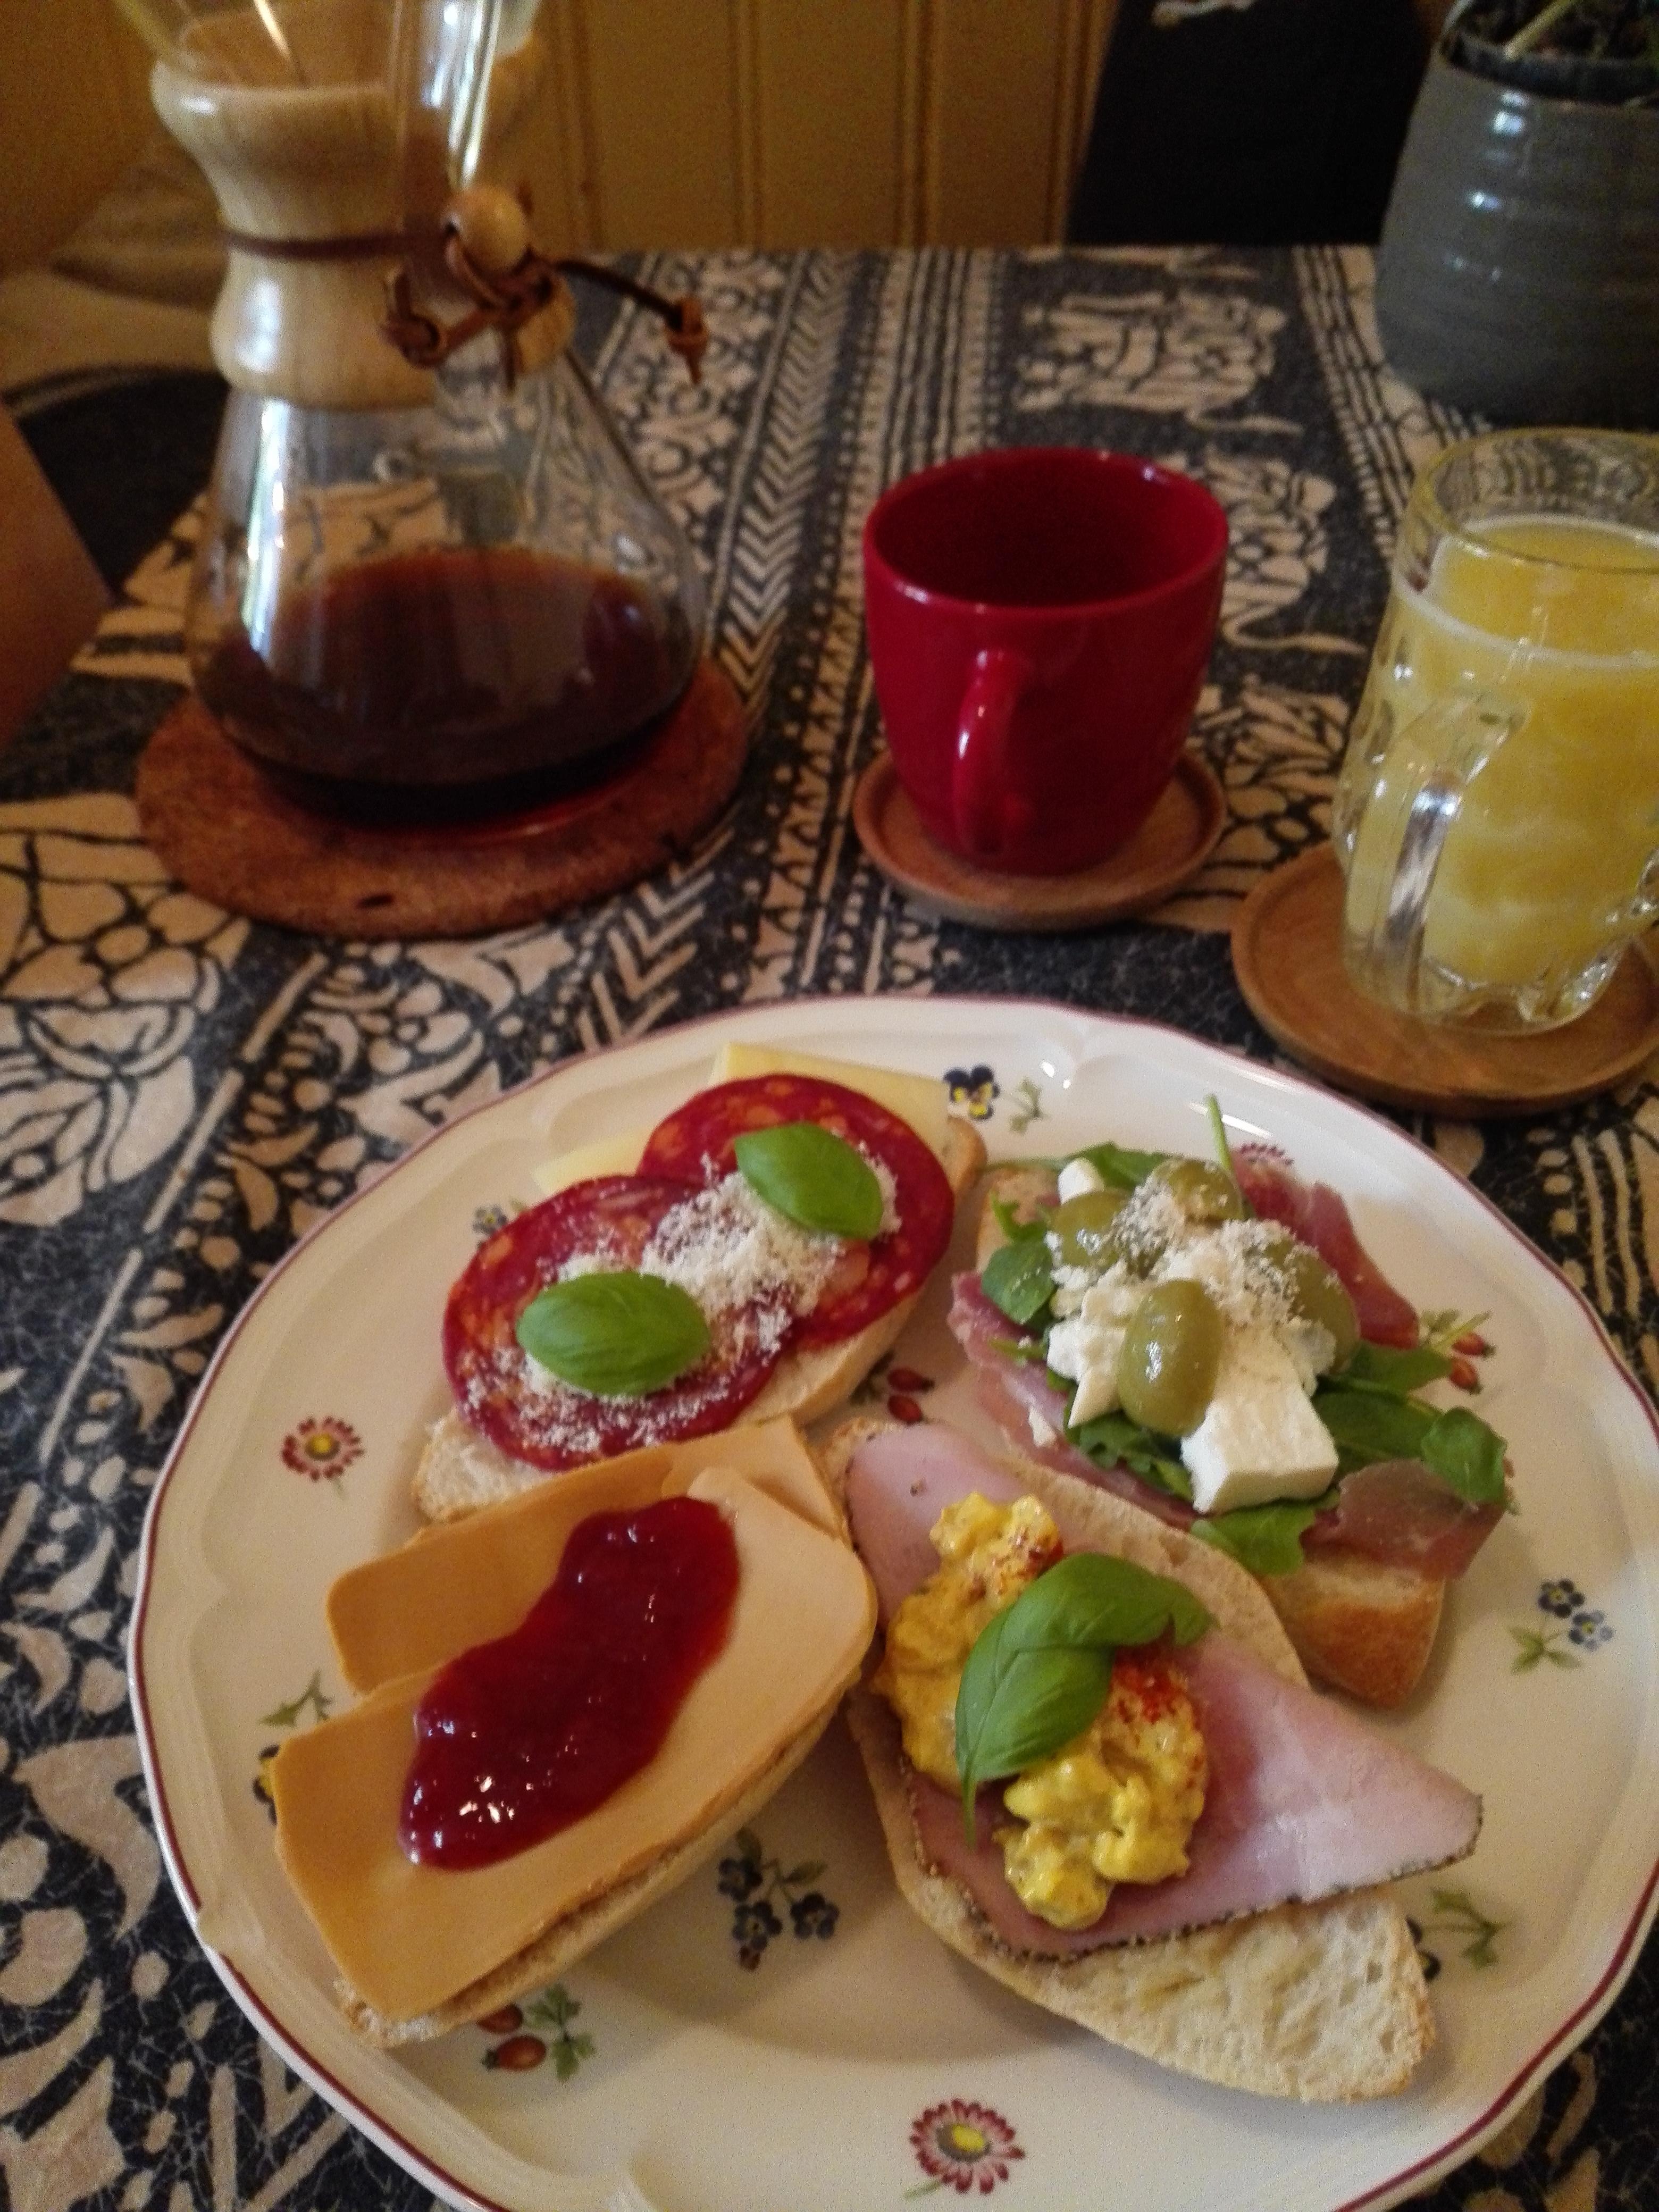 her sabah aynı çeşitlerden sıkılanlara , norveç kahvaltısı